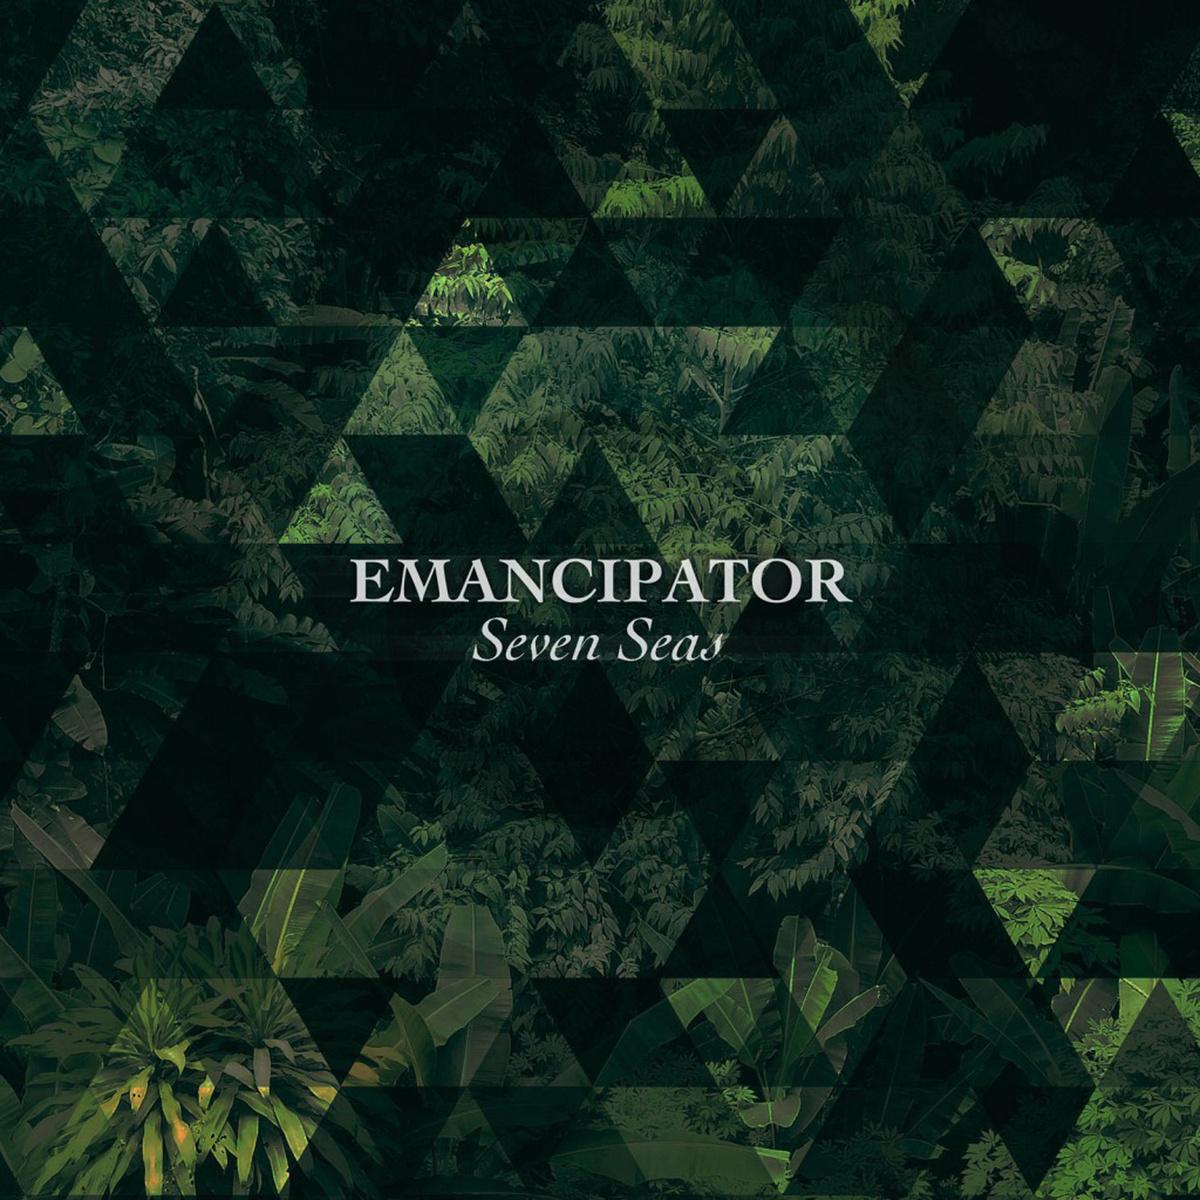 Emancipator, Seven Seas album cover.